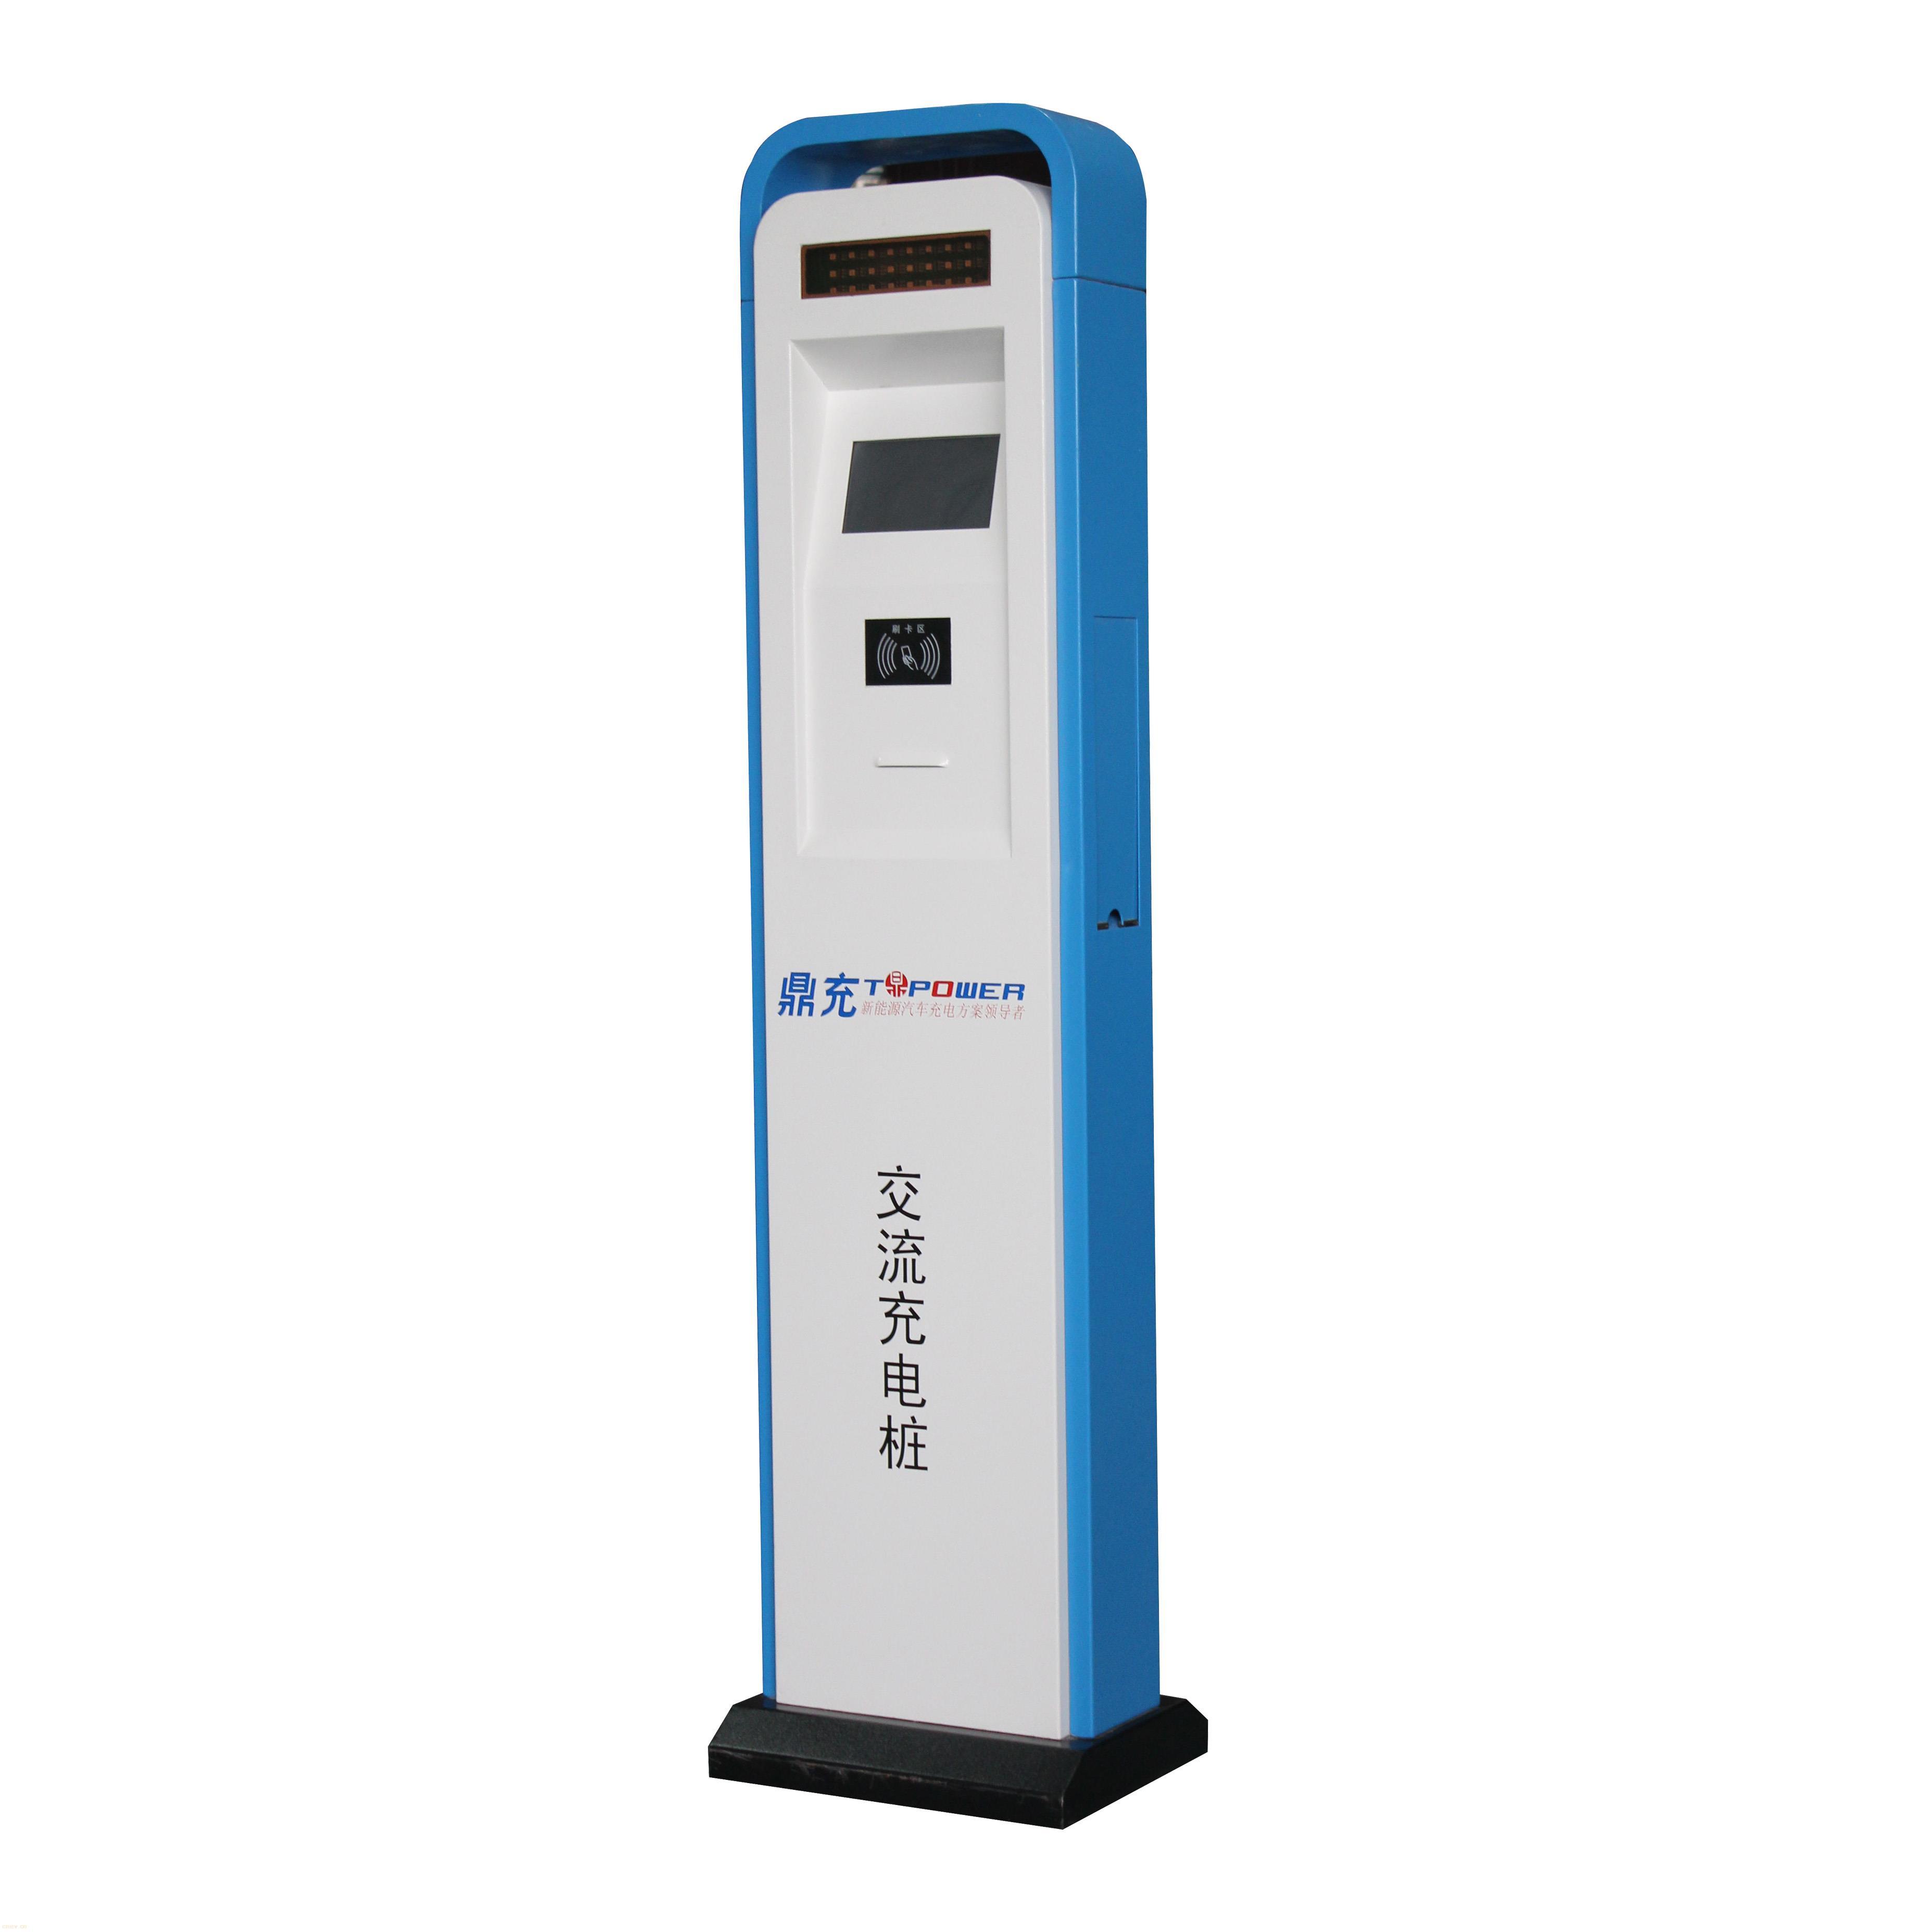 充电桩便捷充电服务-智能立式单充充电桩